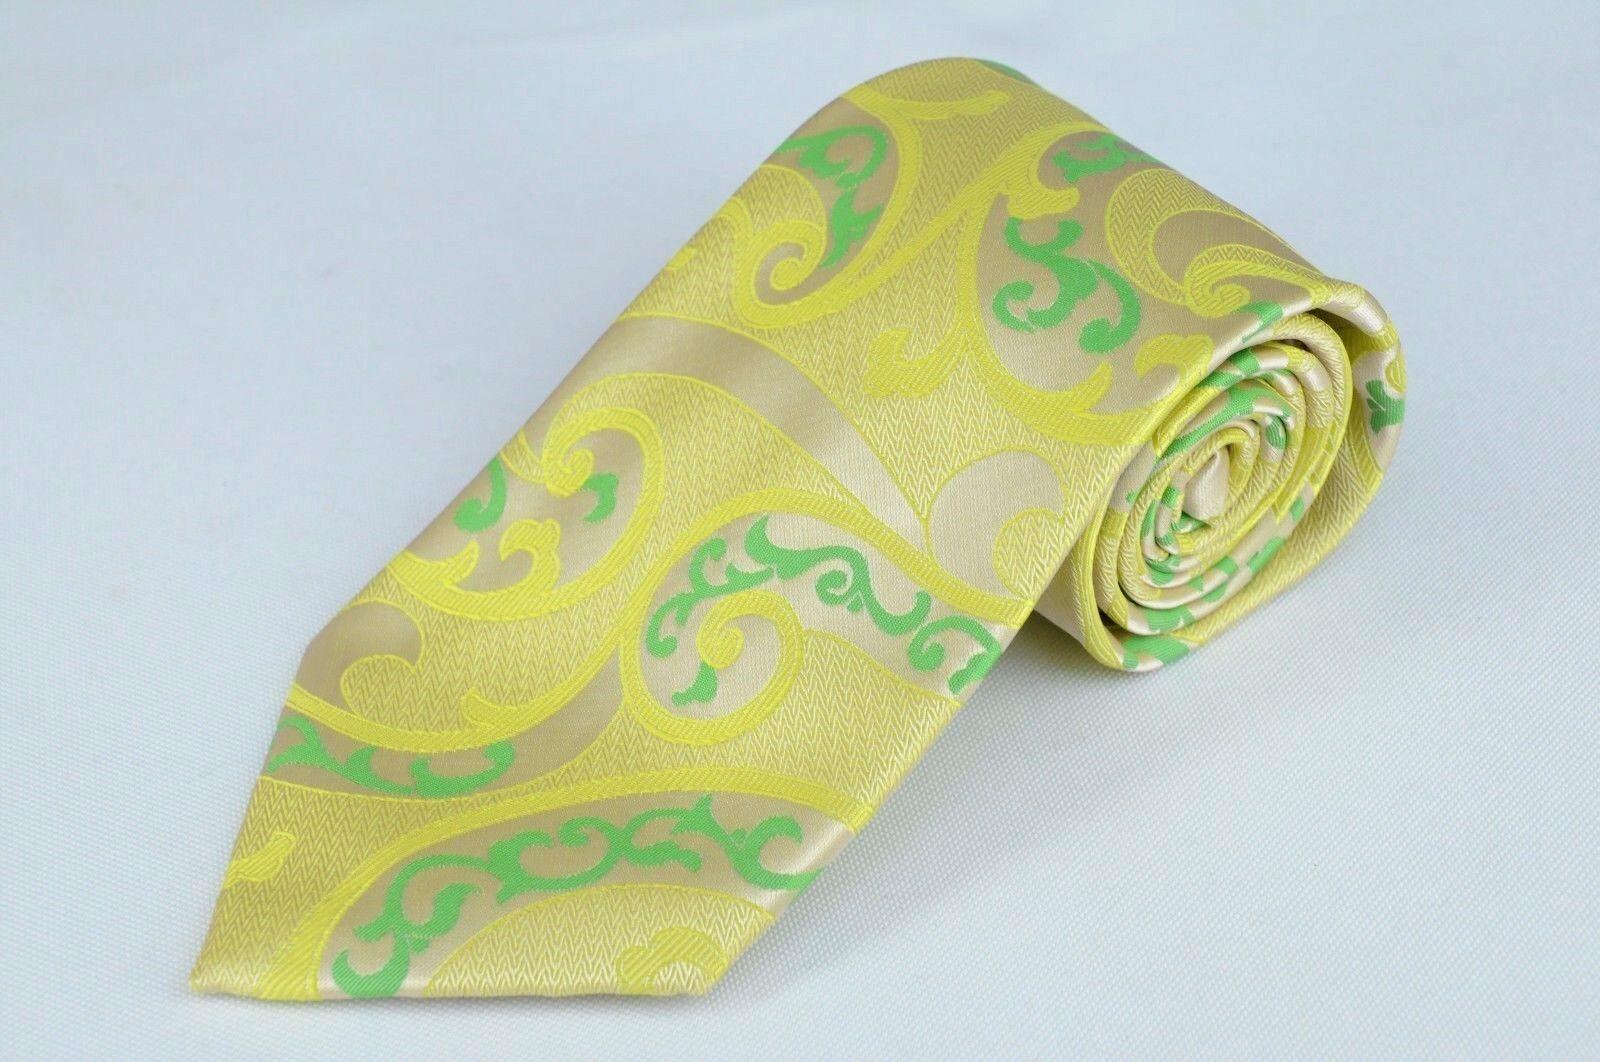 Lord R Colton Masterworks Krawatte - - - Villarica Gelb & Grün Krawatte - Neu | eine breite Palette von Produkten  6fa9c9